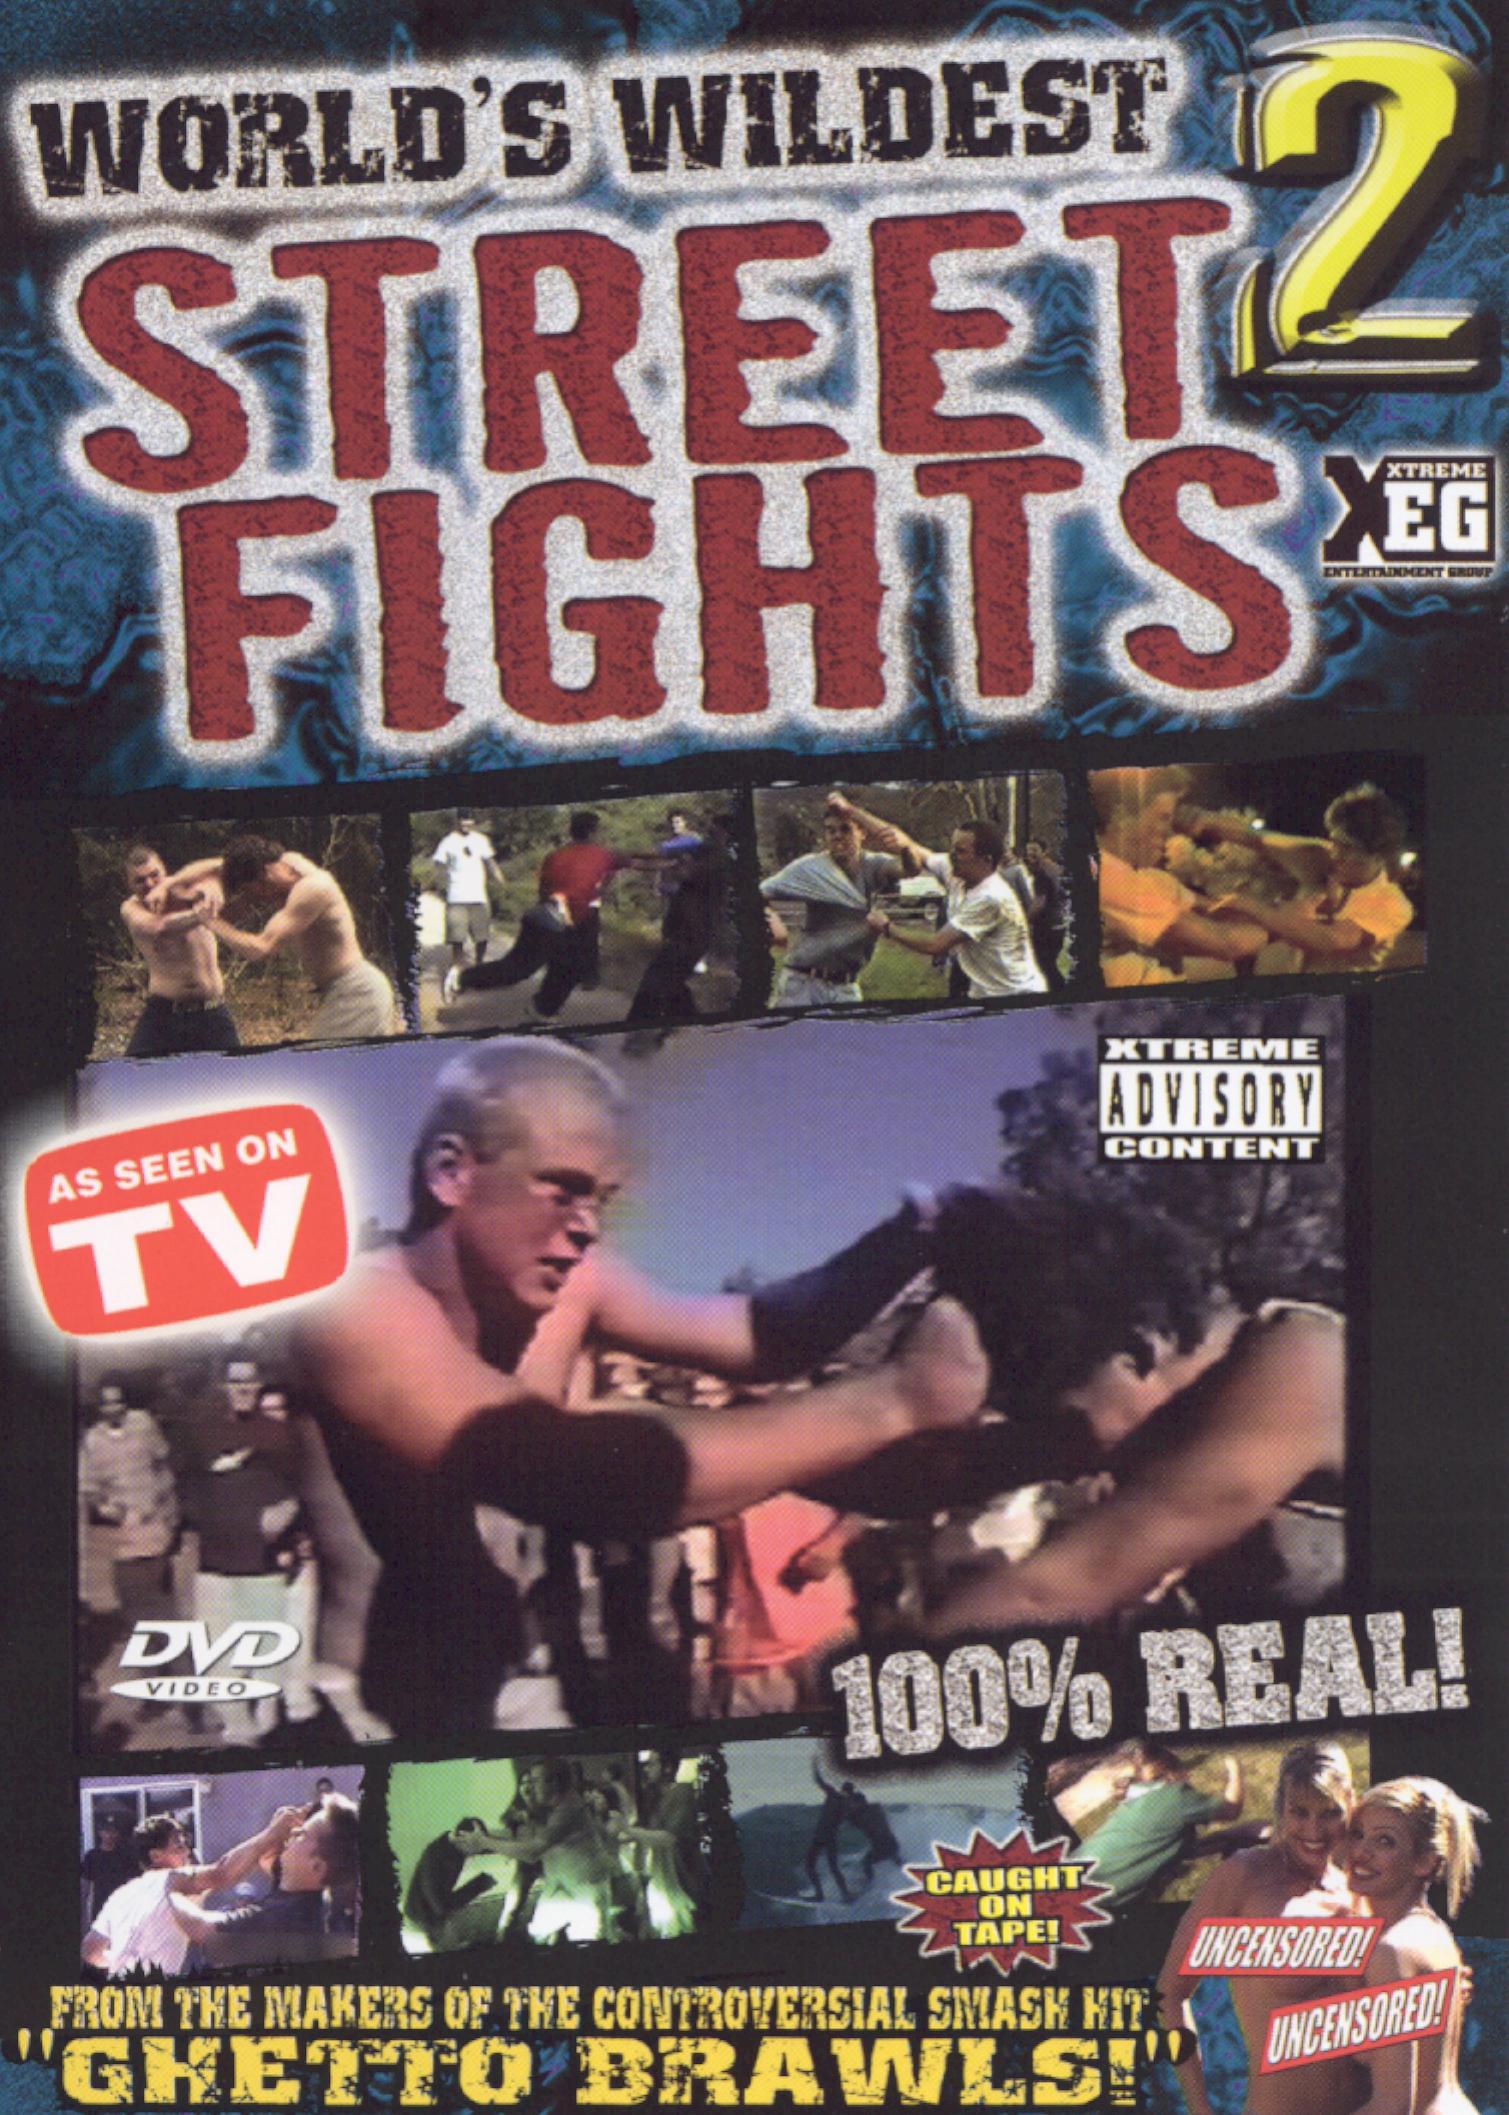 World's Wildest Street Fights, Vol. 2